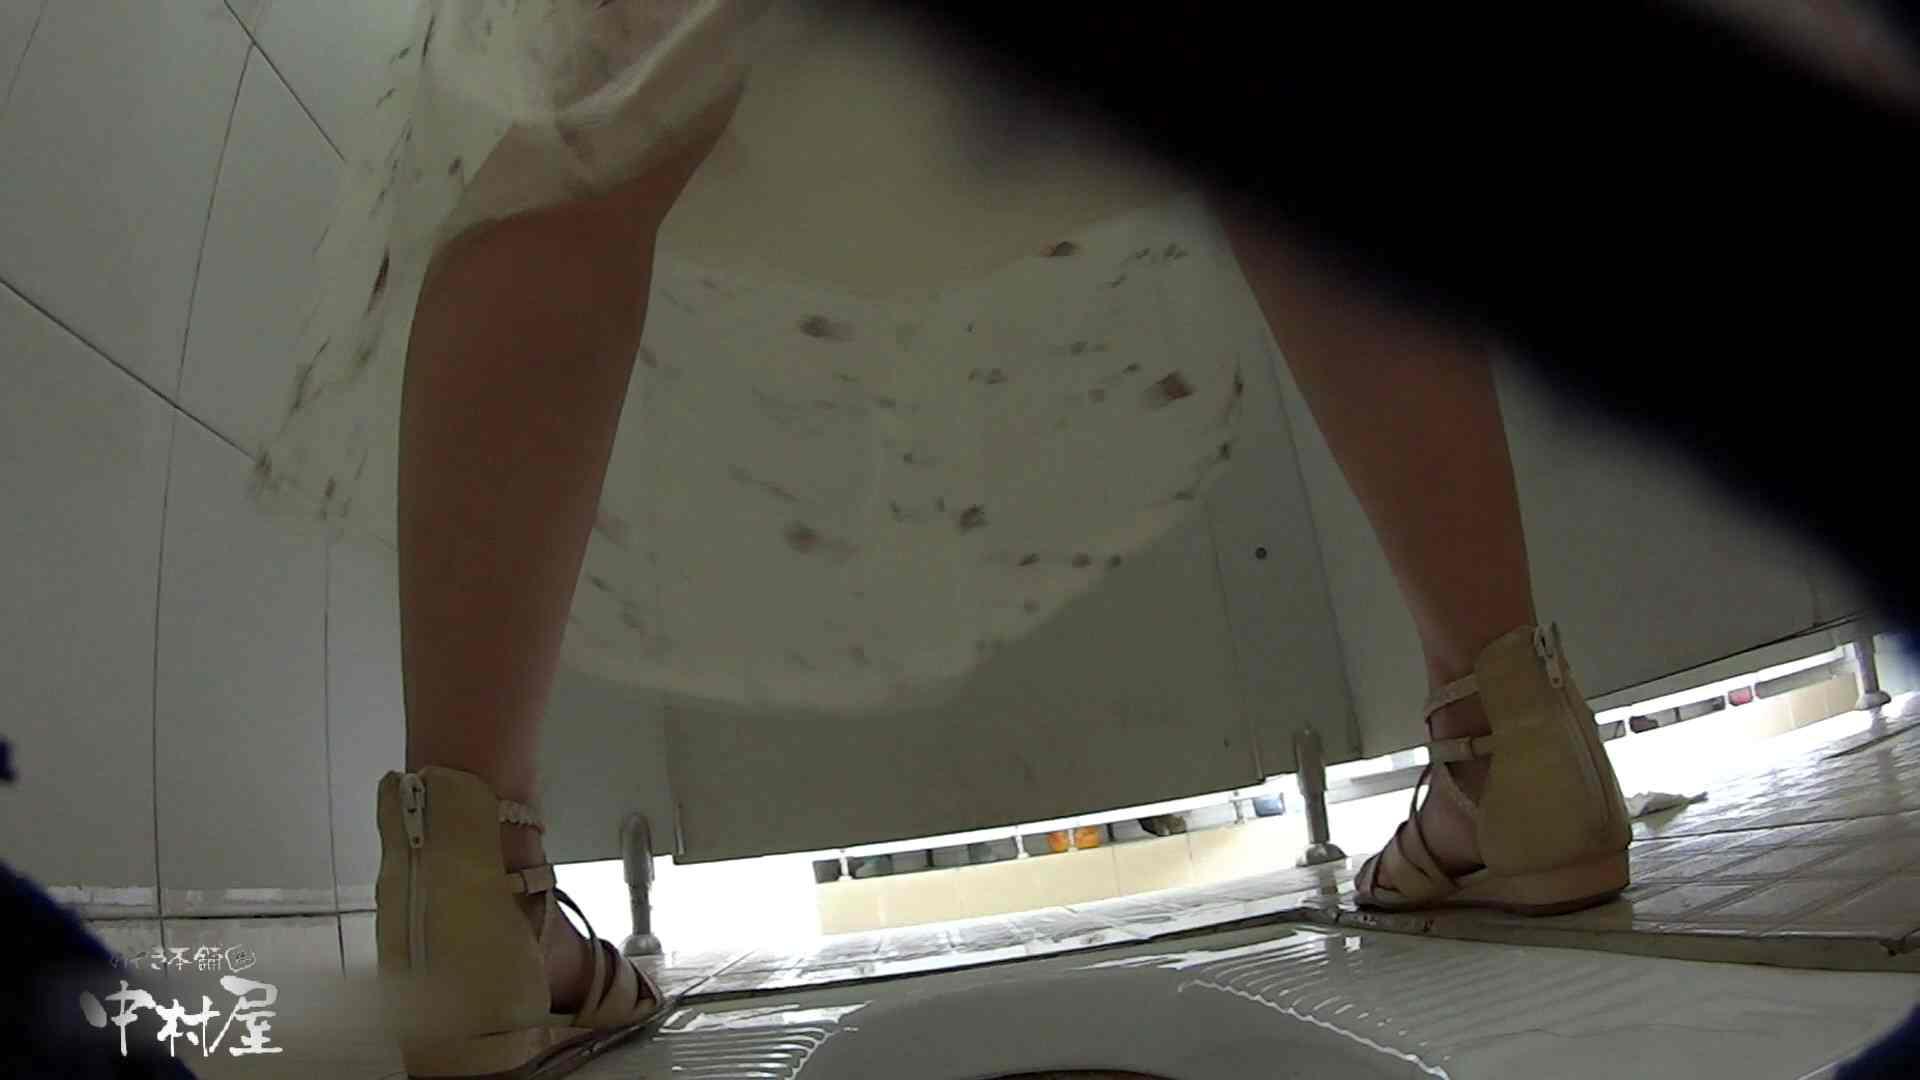 高画質フルハイビジョン眼鏡女子が多数出演!有名大学休憩時間の洗面所事情08 乙女 おまんこ動画流出 86pic 65